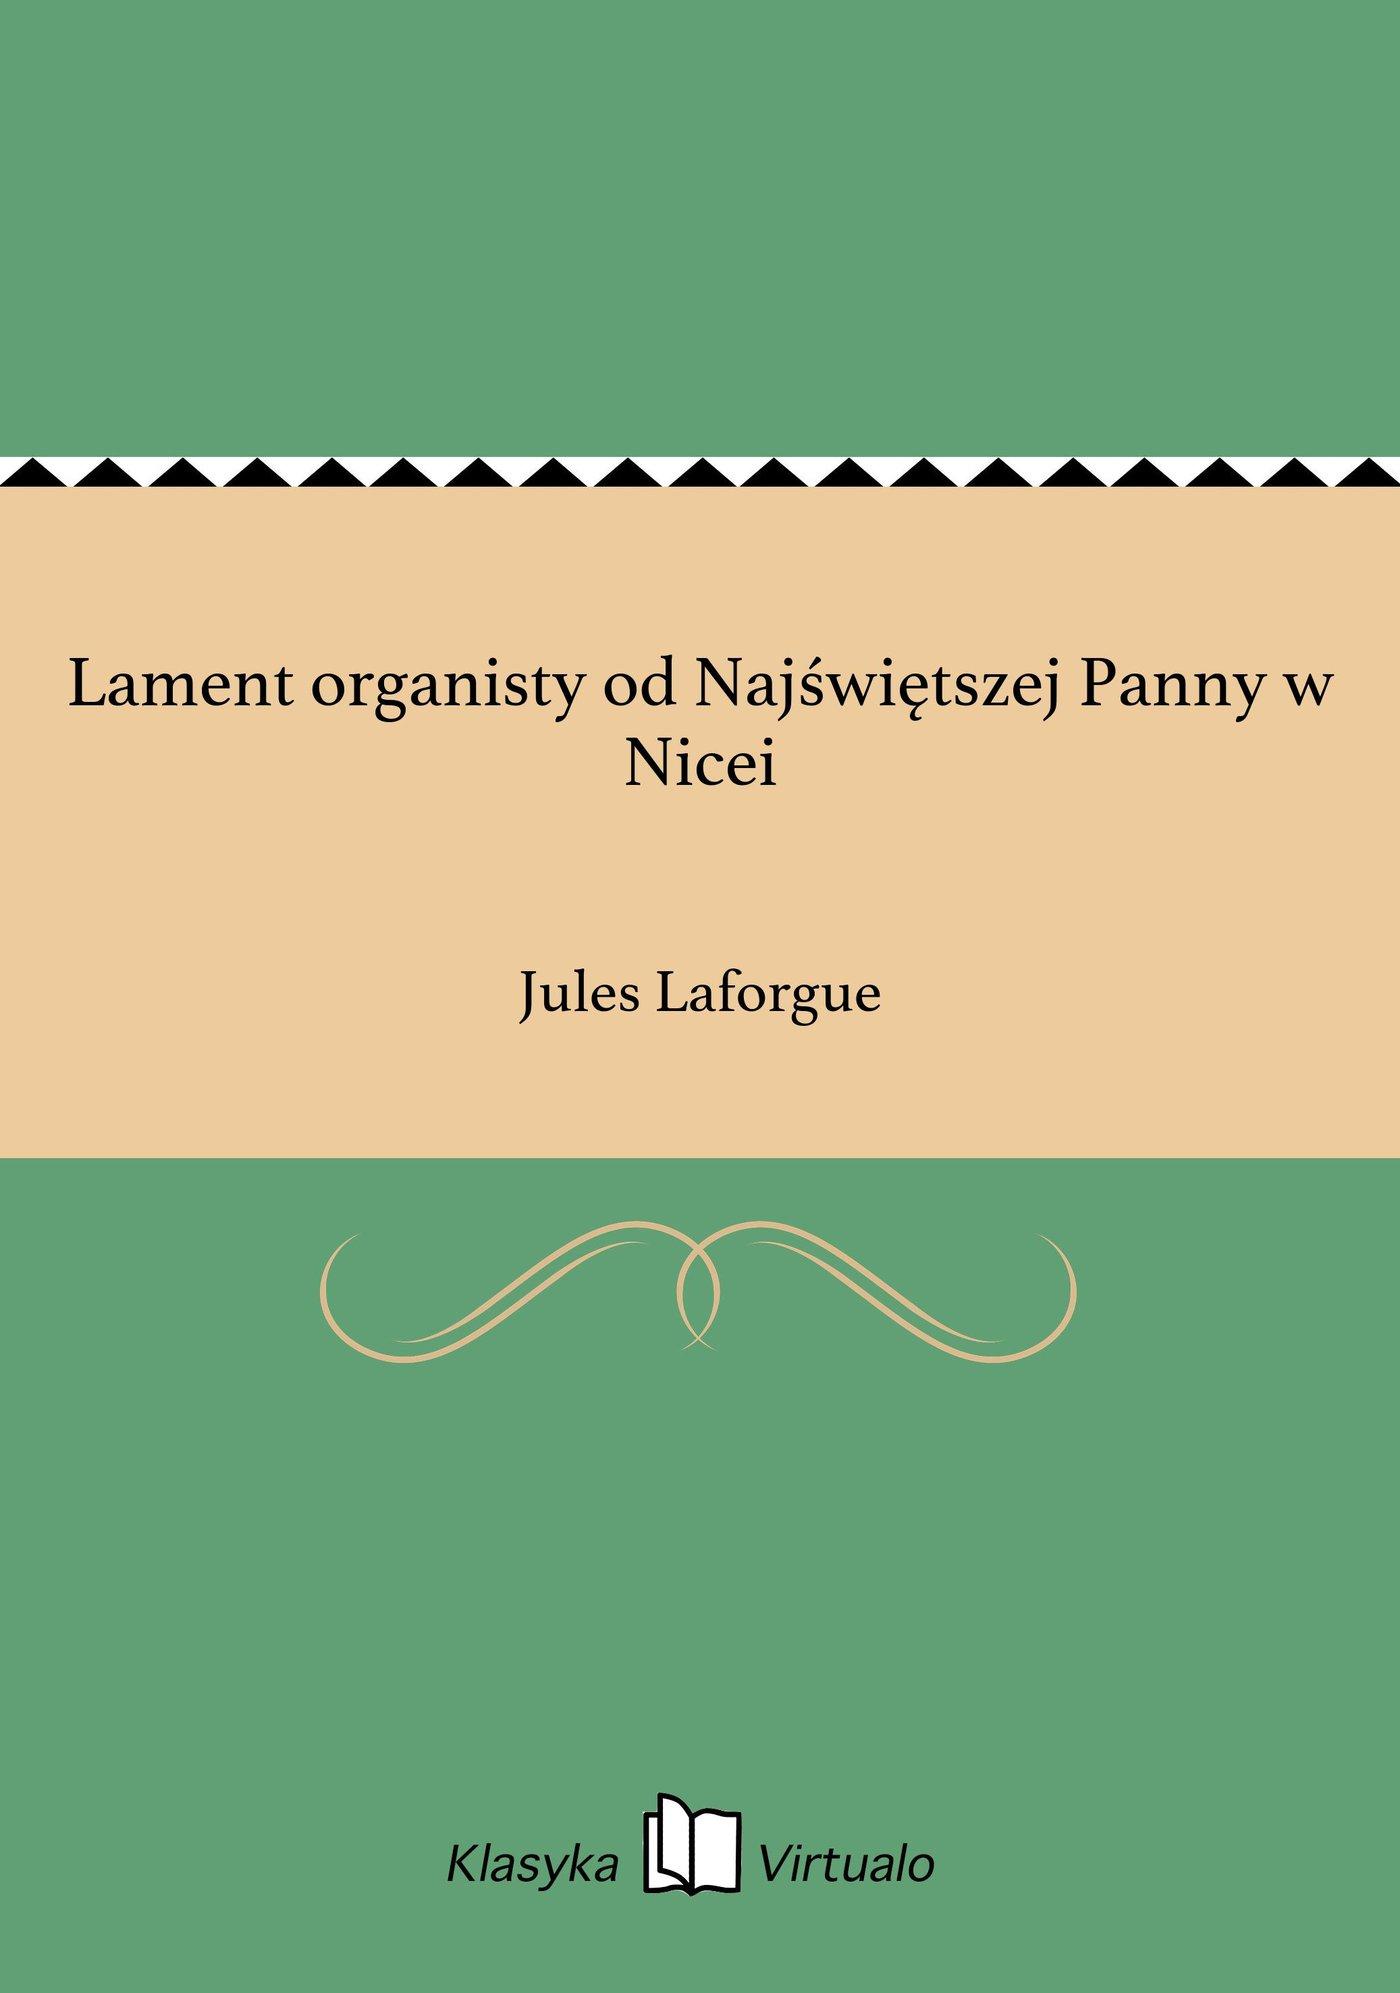 Lament organisty od Najświętszej Panny w Nicei - Ebook (Książka na Kindle) do pobrania w formacie MOBI